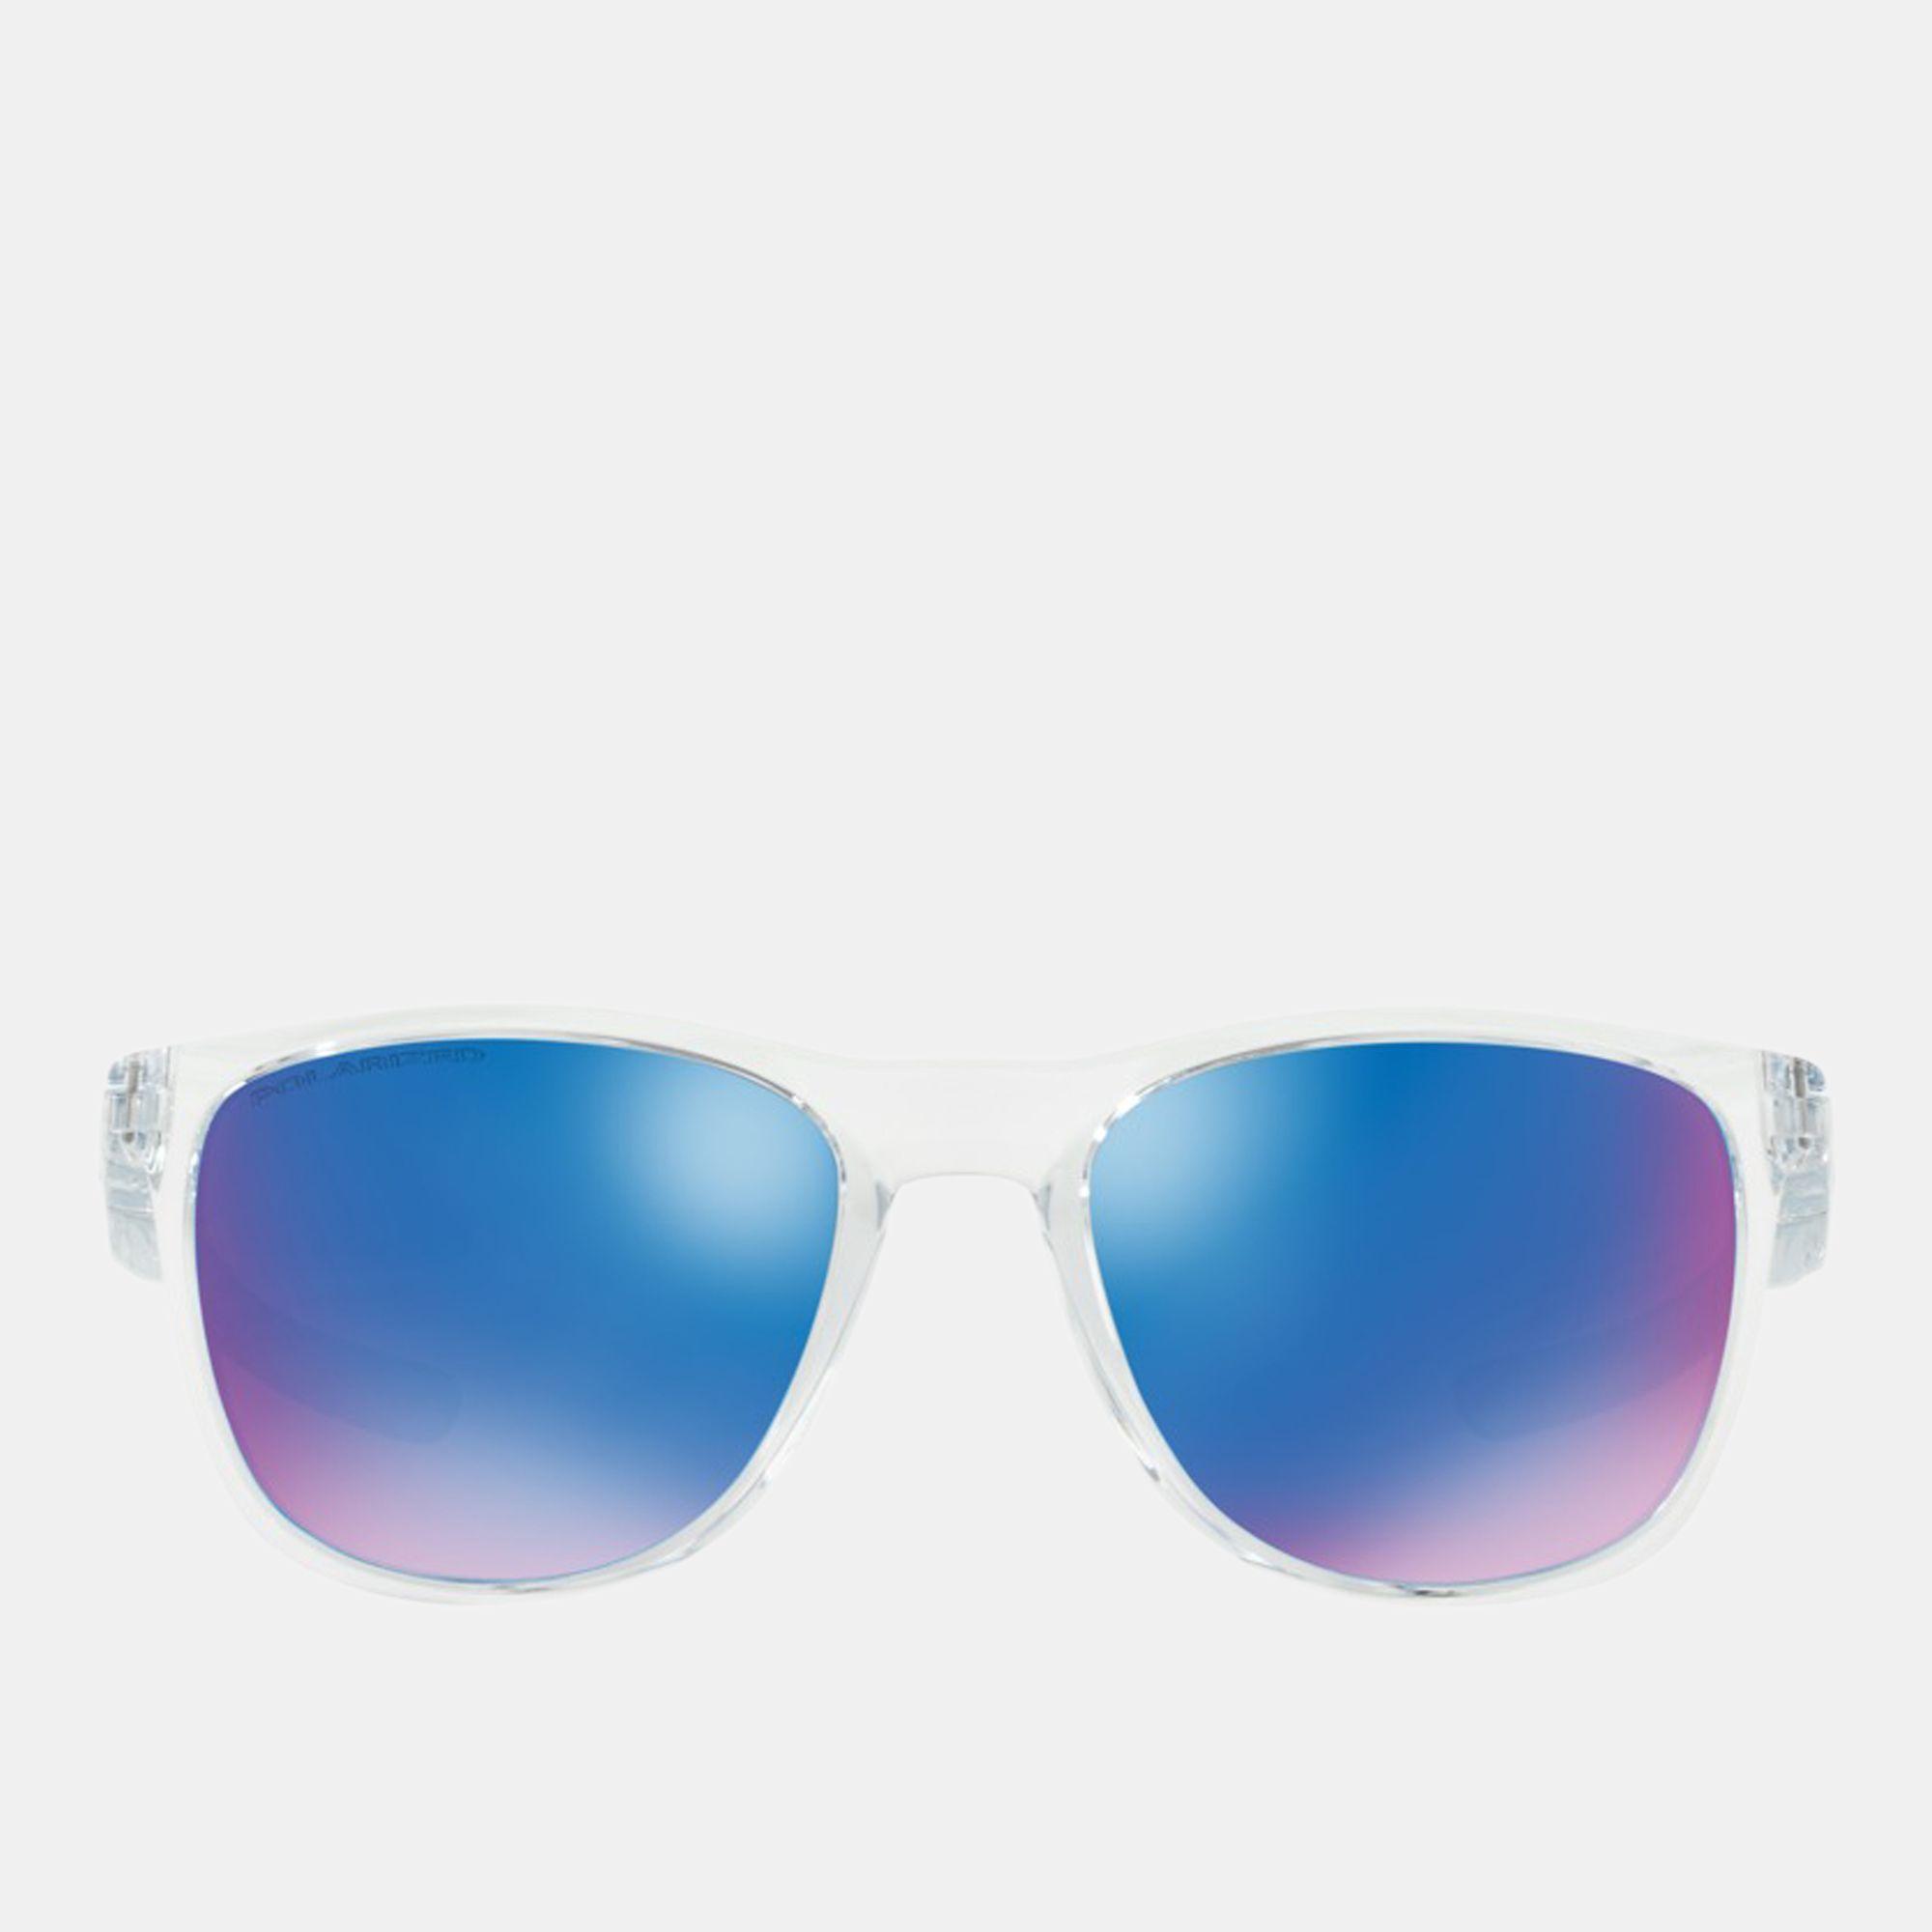 e62f664c9c1 Oakley Trillbe™ X Polarized Sunglasses